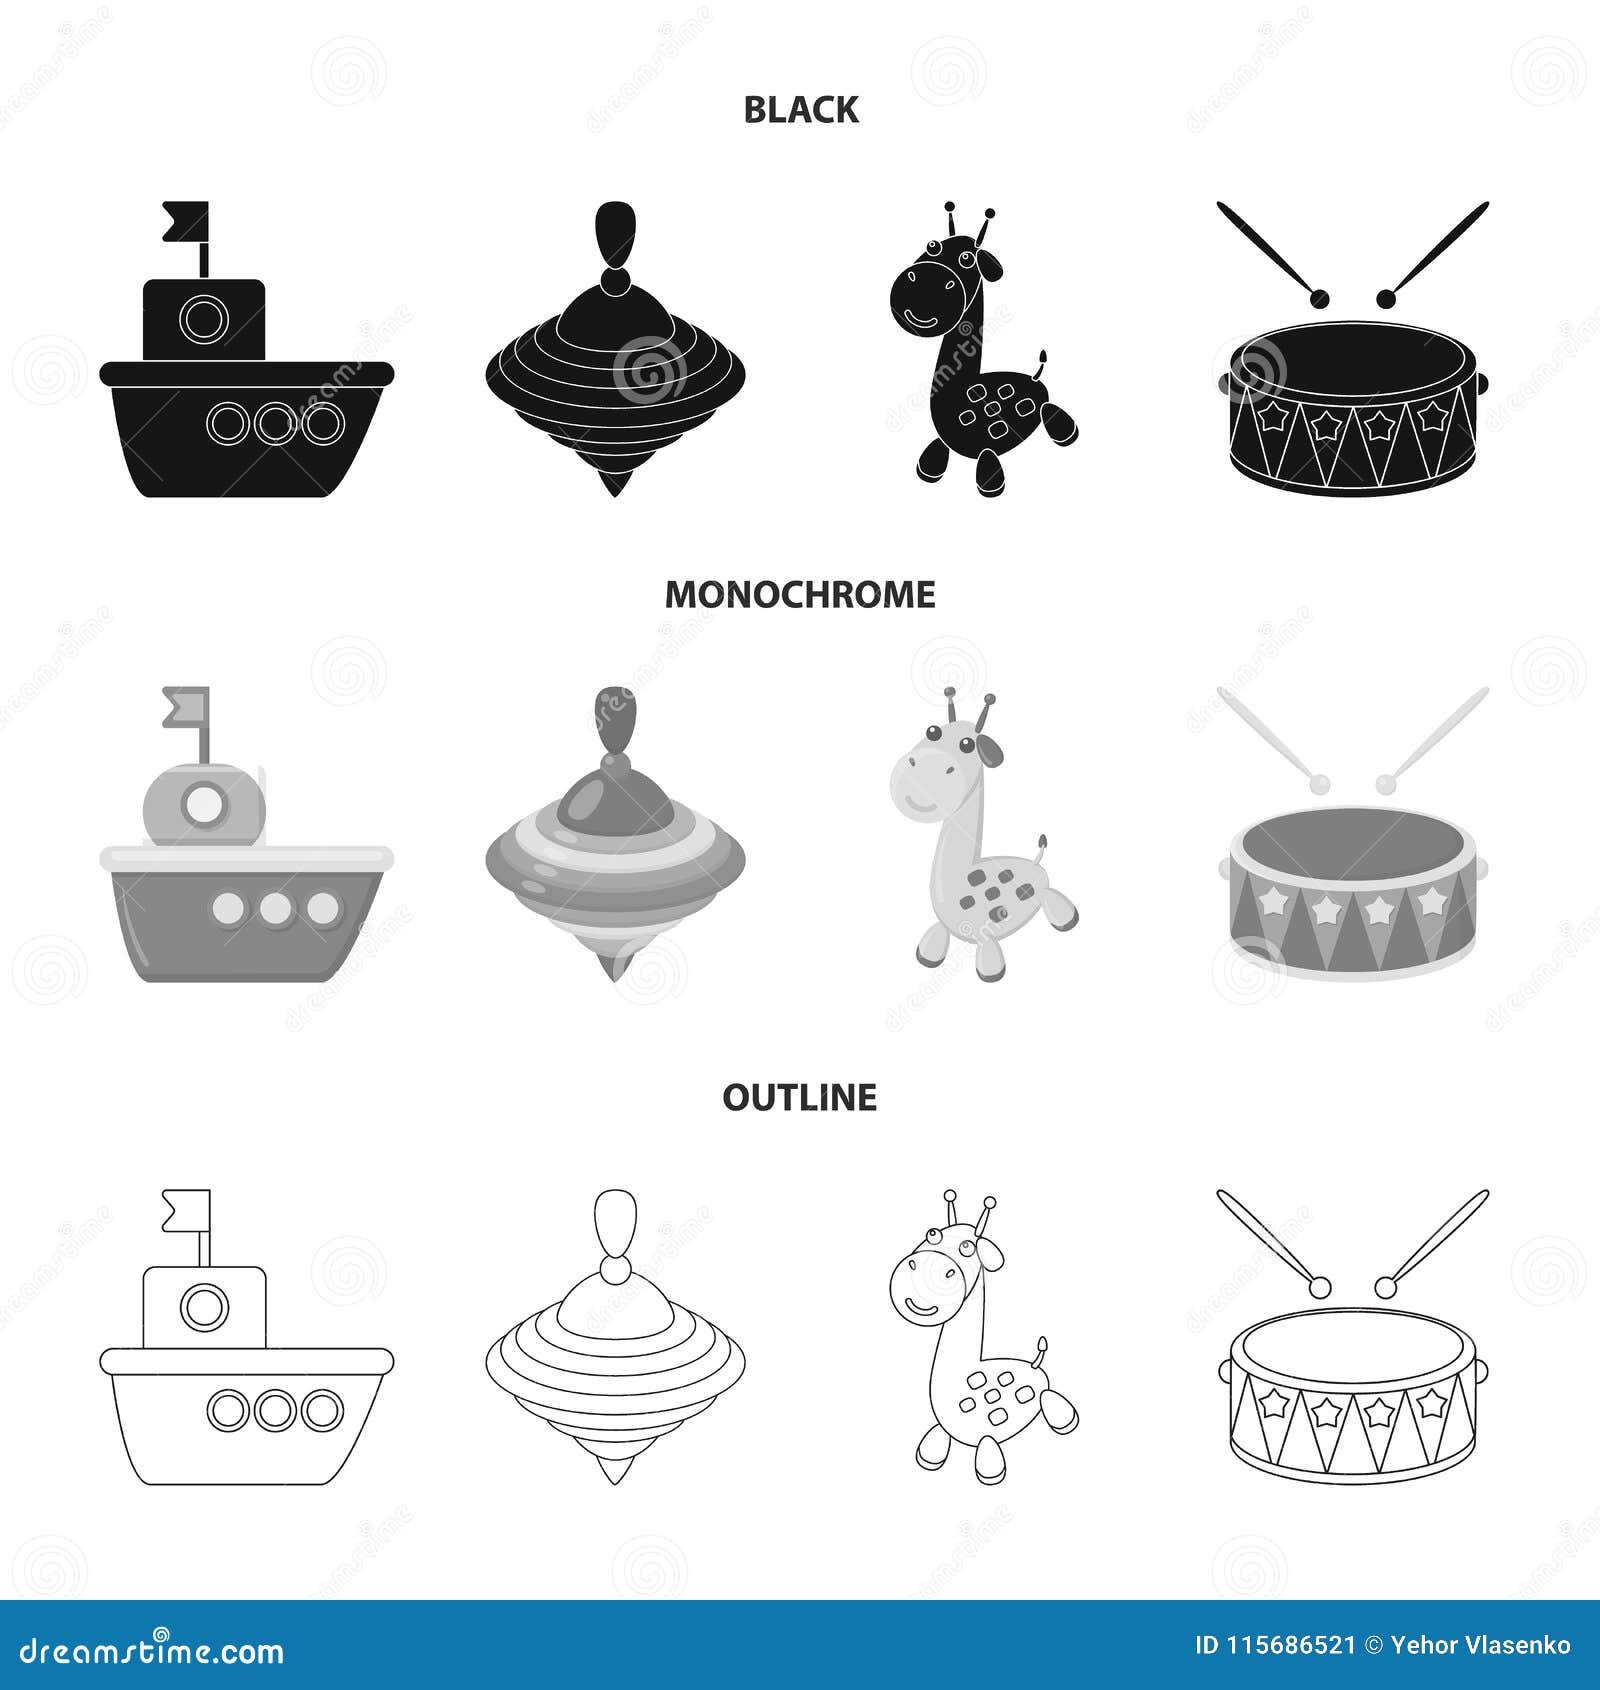 船, yule,长颈鹿,鼓 玩具设置了在黑的汇集象,单色,概述样式传染媒介标志股票例证